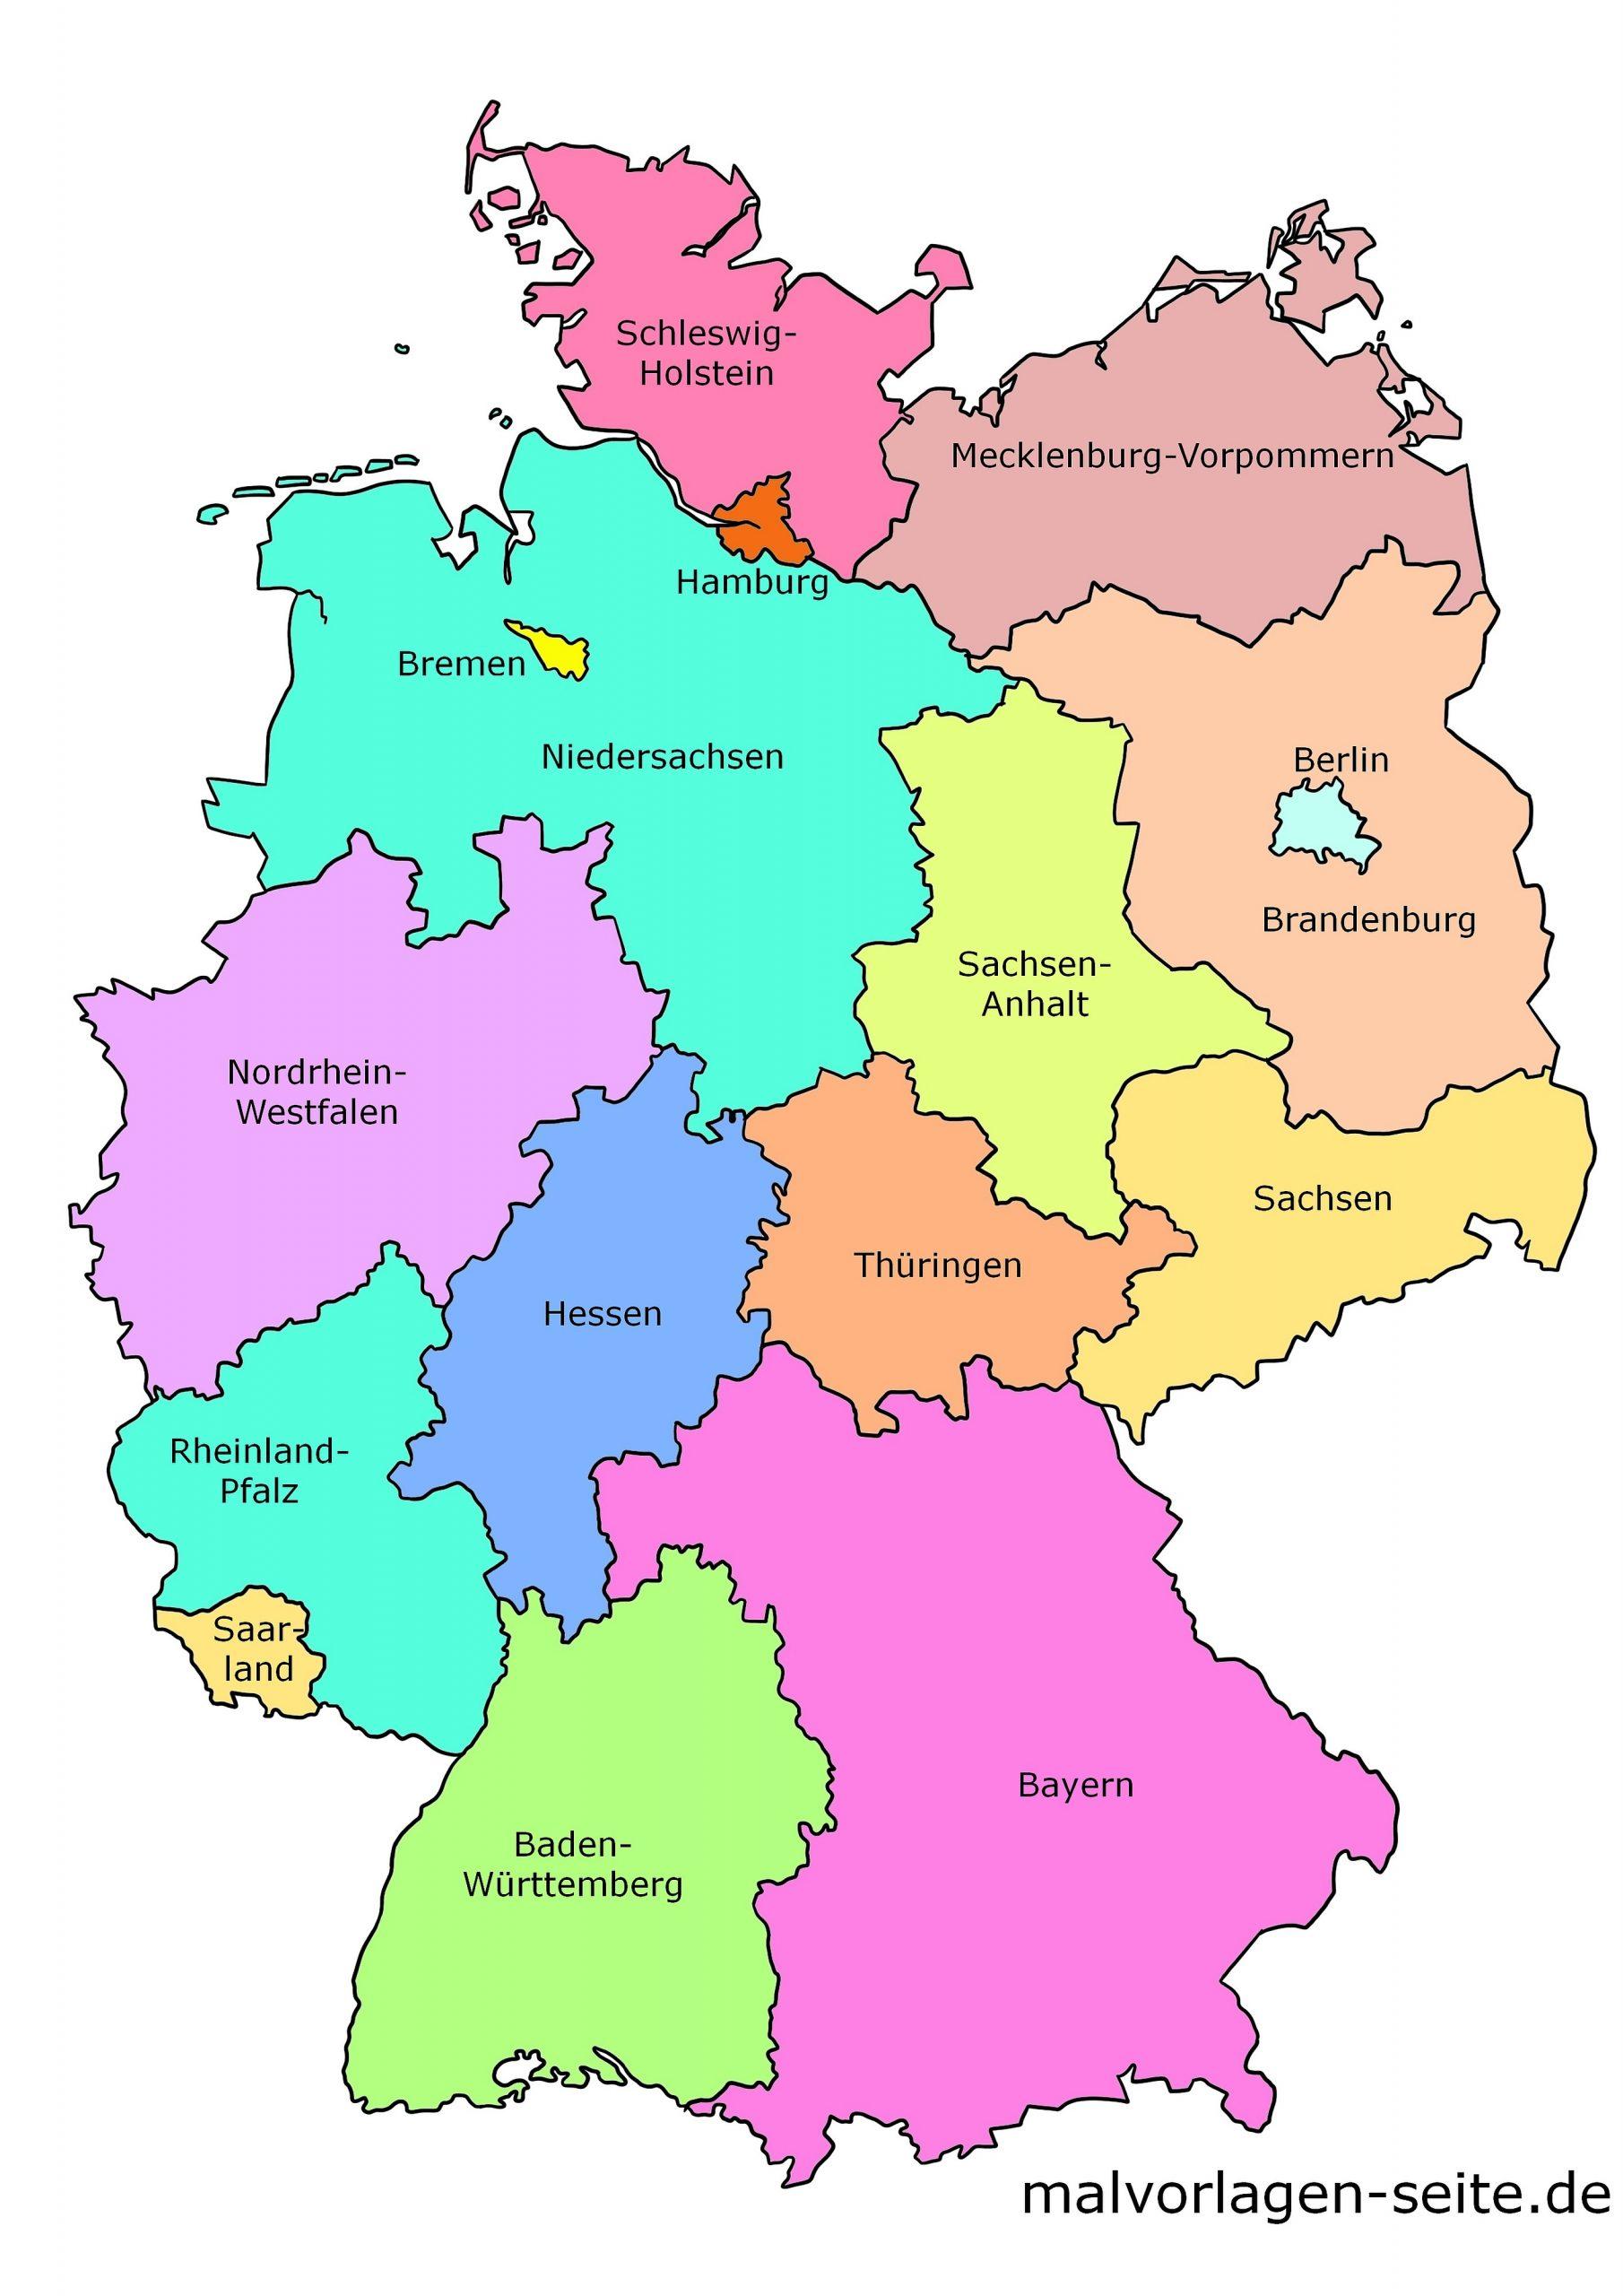 Deutschland Landkarte Der Bundesländer - Politsche Karte in Bundesländer Deutschland Mit Hauptstädten Karte